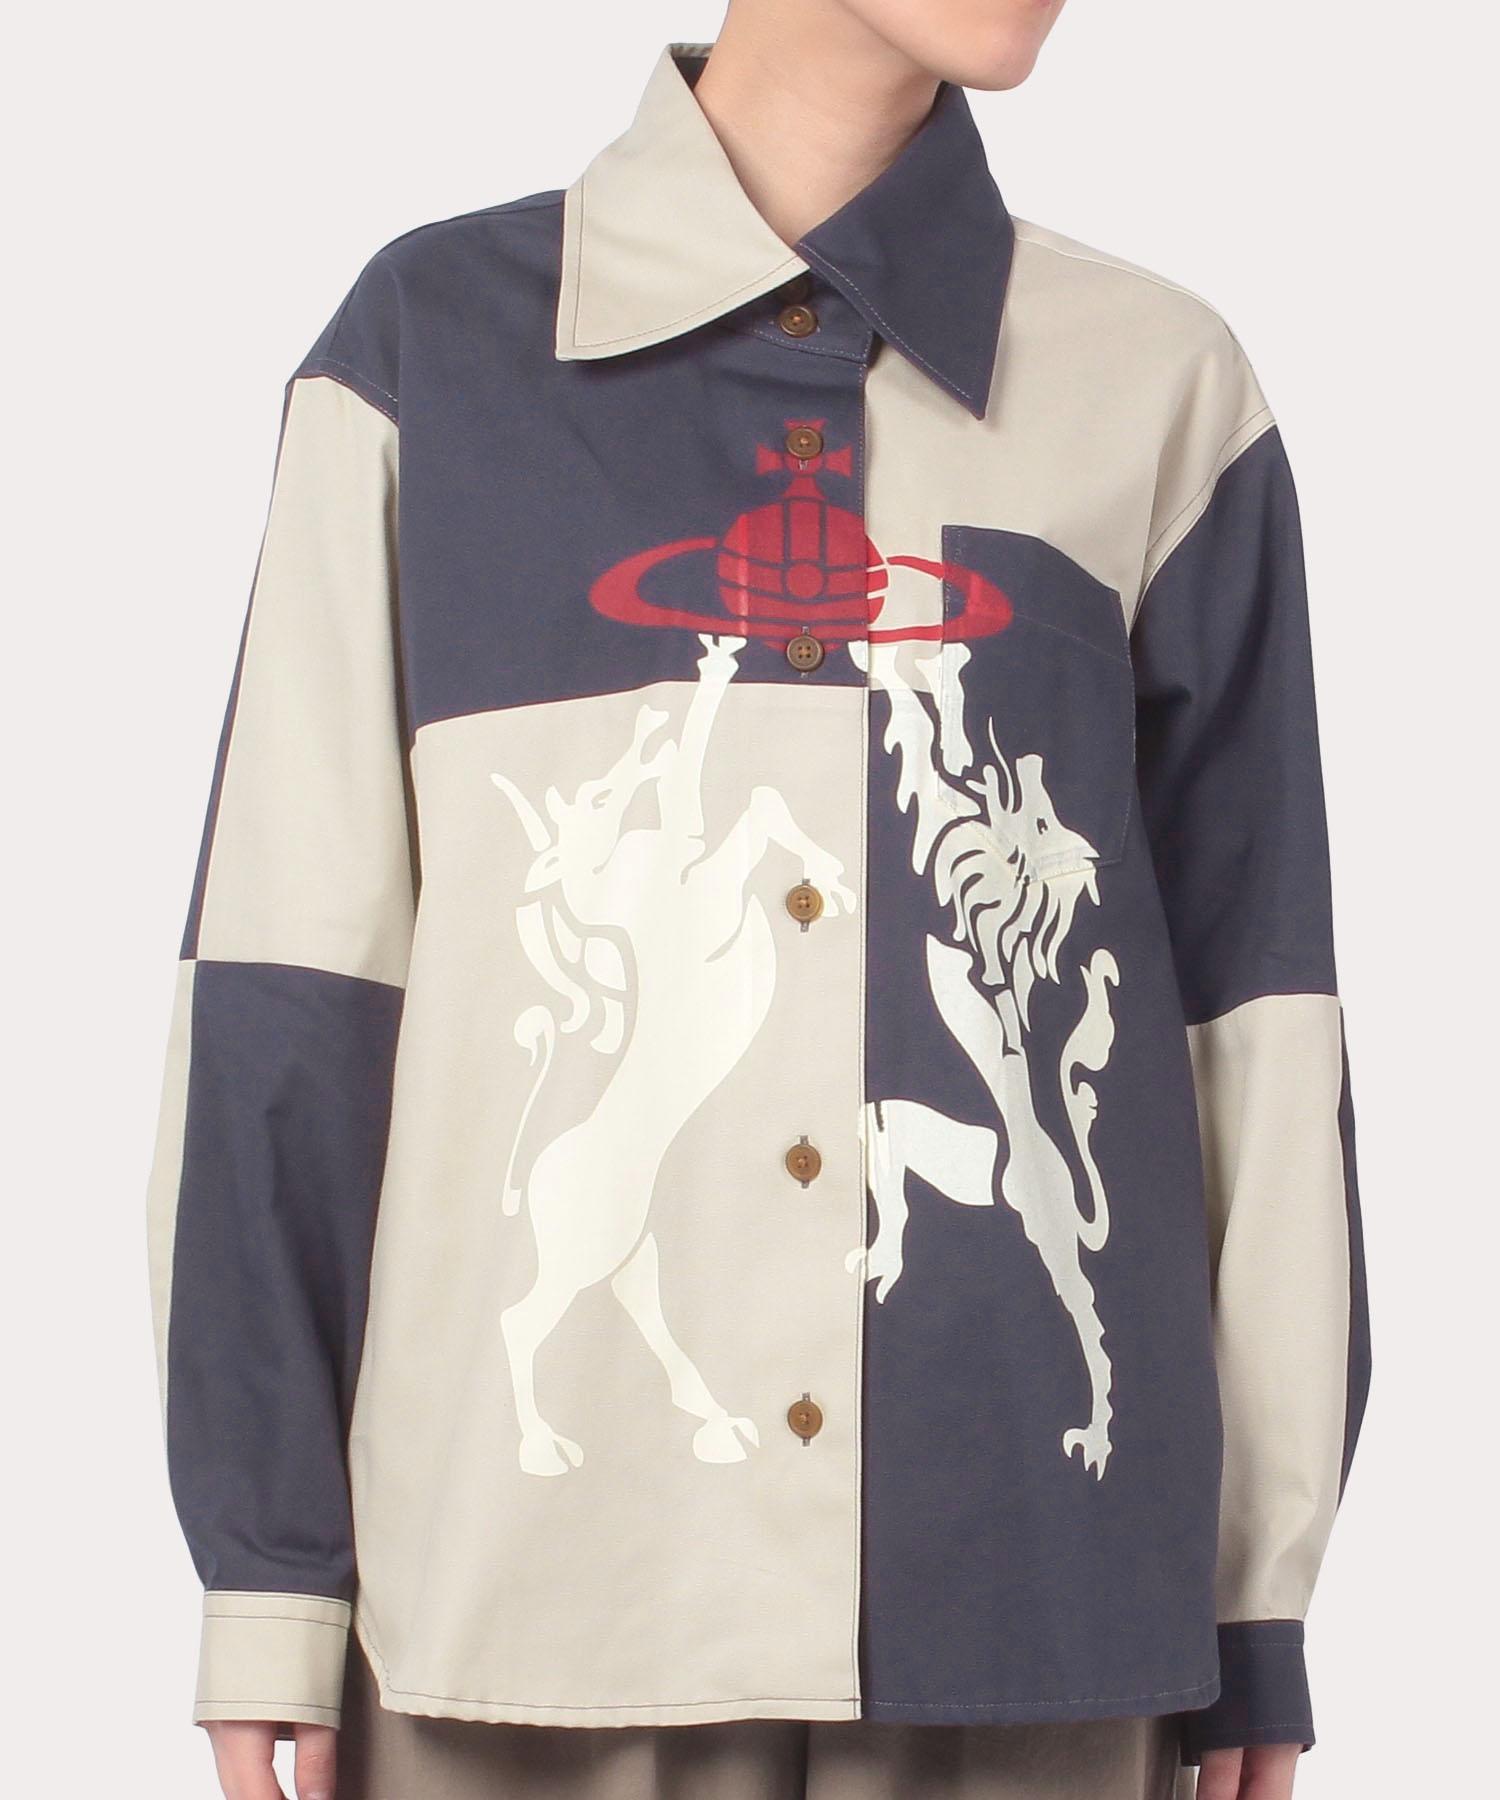 ホース&ライオン ブロッキング シャツ